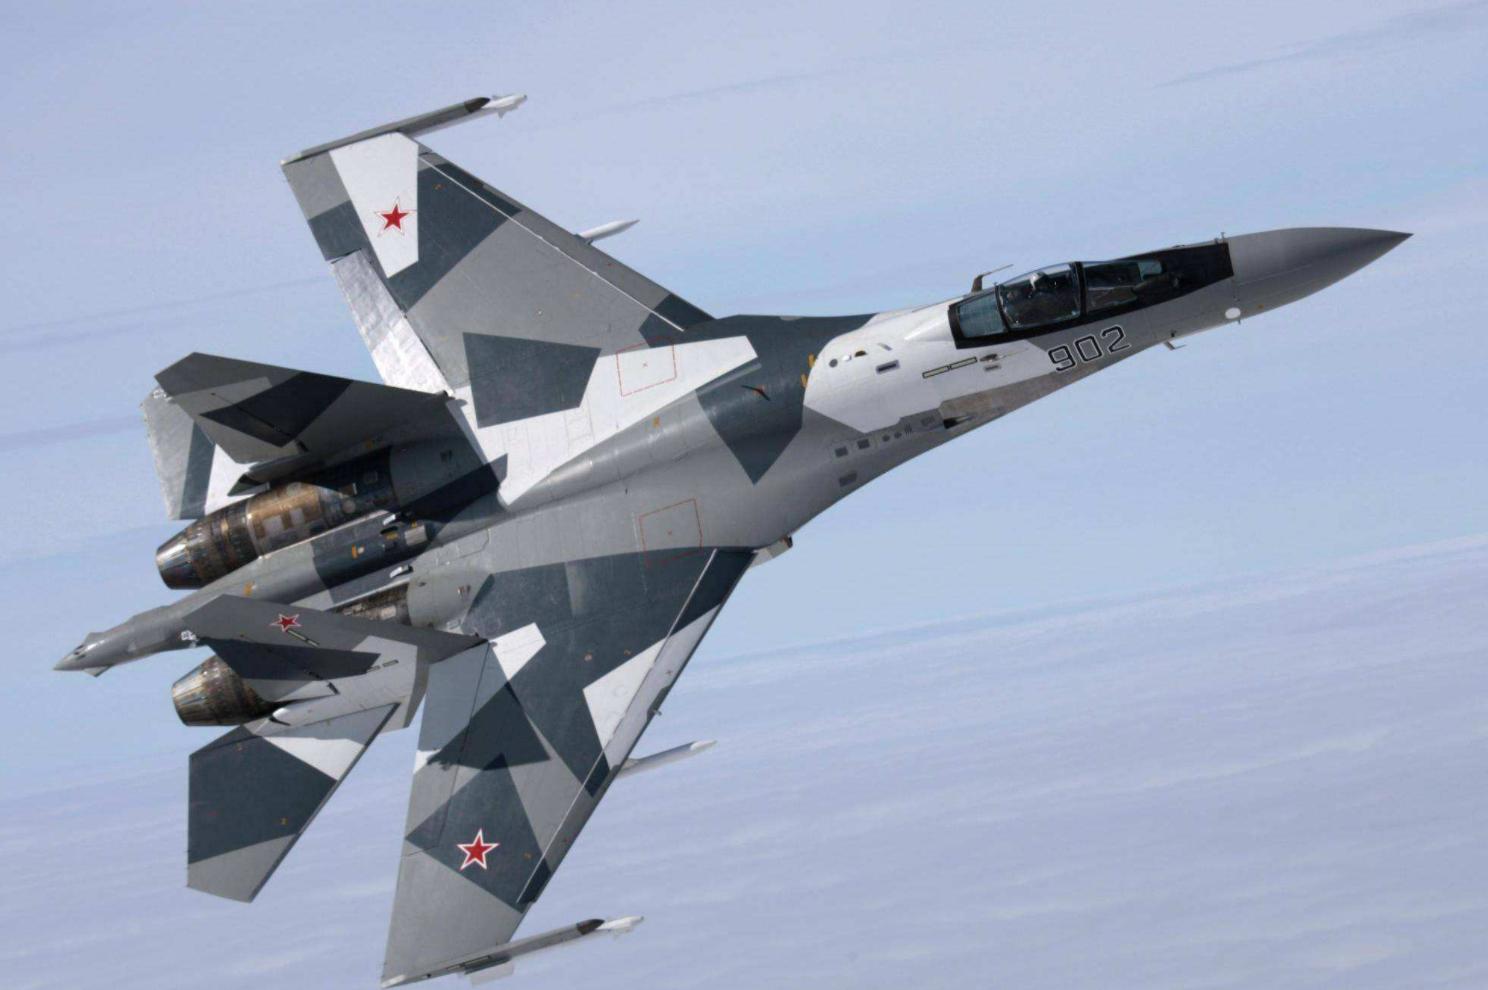 印度空军认为苏35远不如阵风